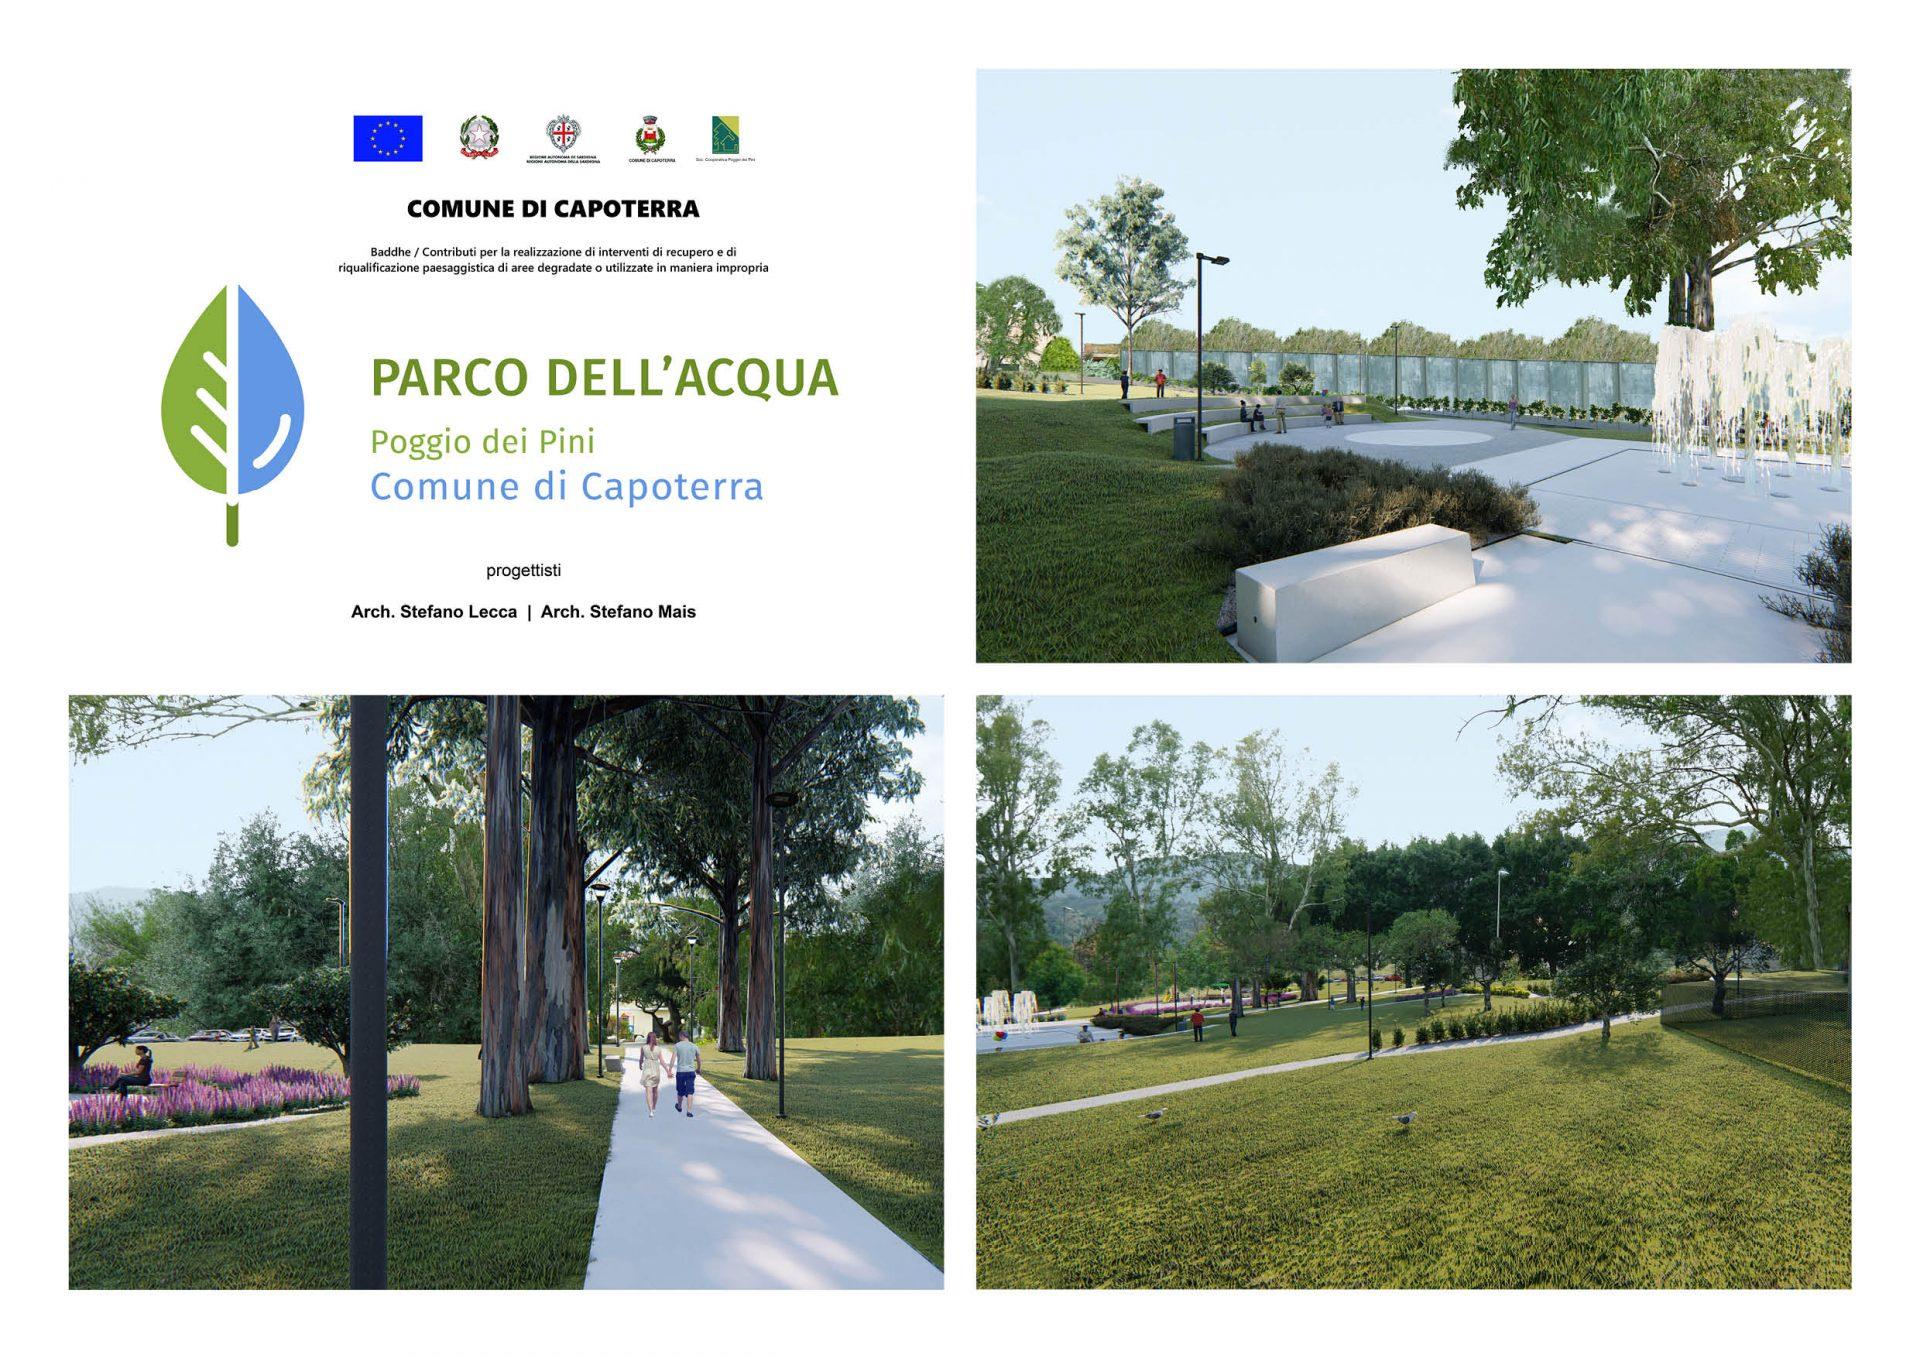 Parco dell'Acqua (Comune di Capoterra, Poggio dei Pini)